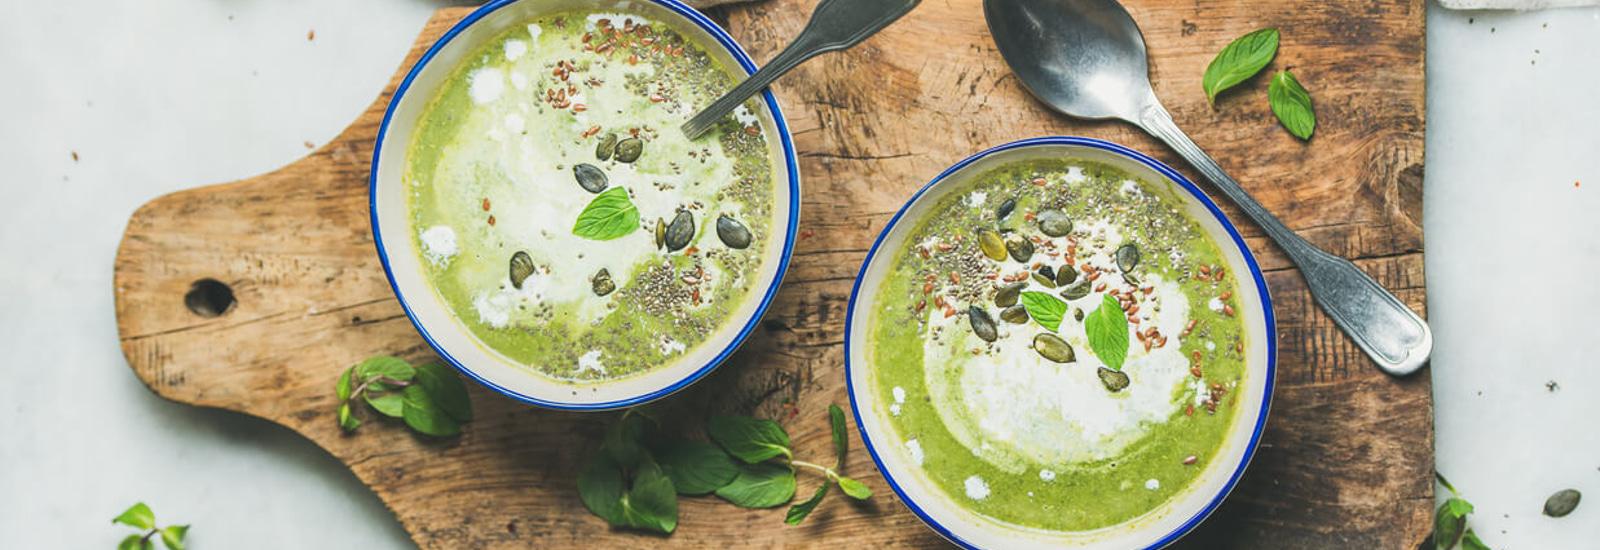 vegetarische broccolisoep